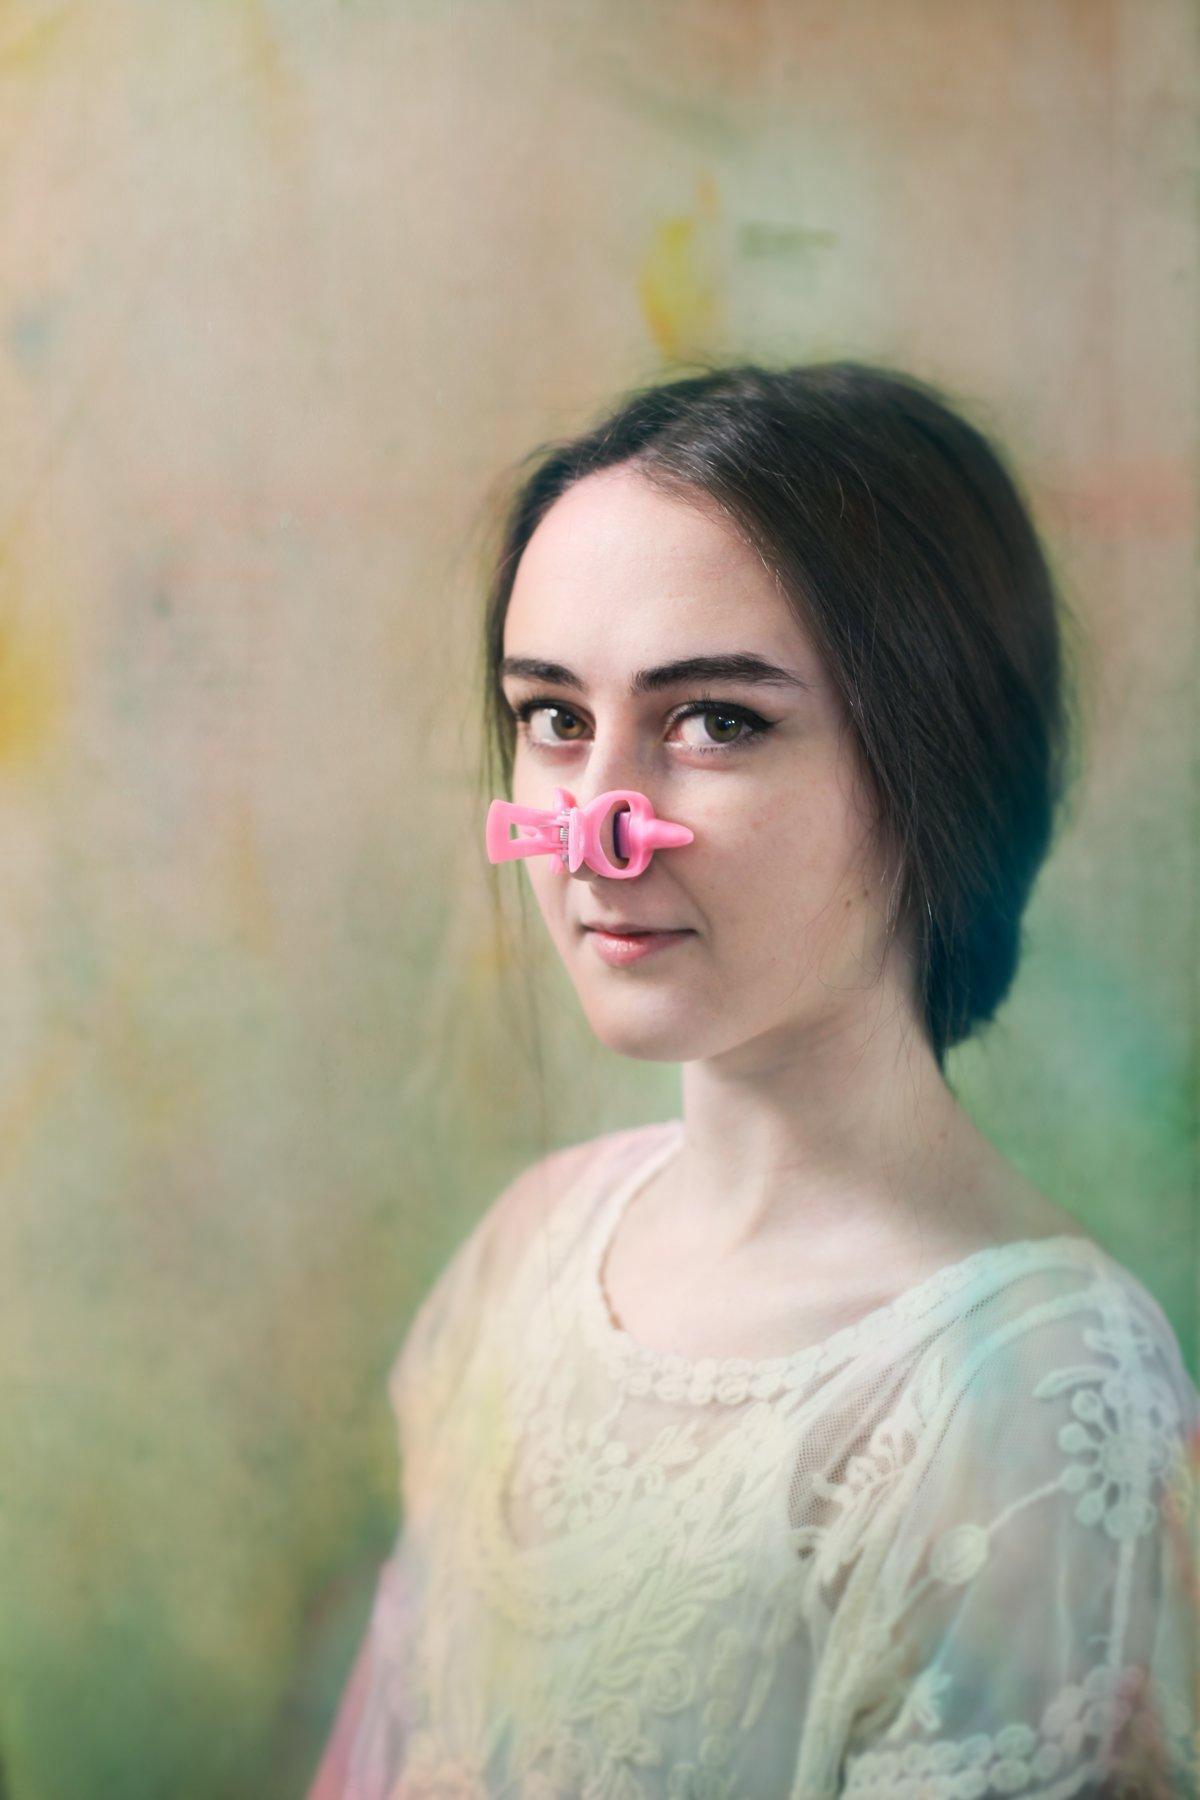 """14 fotos perturbadoras mostram as coisas bizarras que uma mulher usa para ficar """"linda"""" 05"""